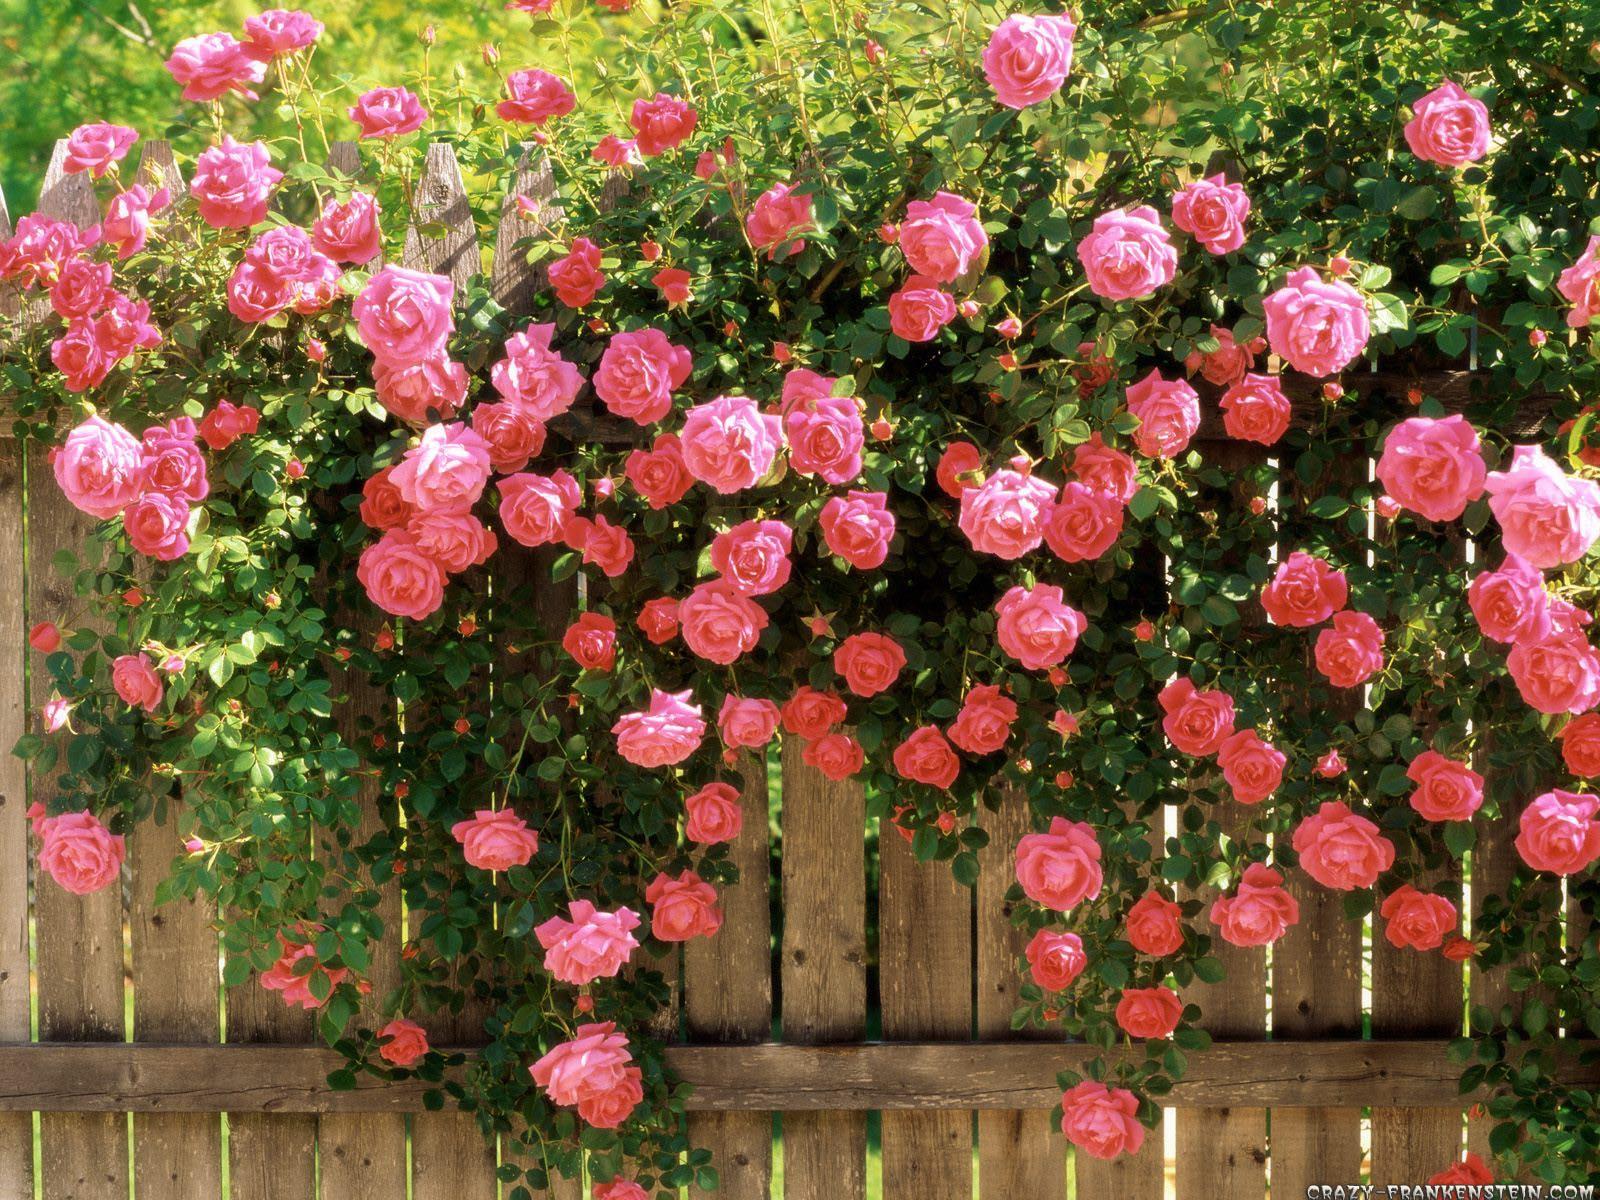 வால்பேப்பர்கள் ( flowers wallpapers ) 01 - Page 5 American-beauty-climbing-roses-wallpaper-1600x1200